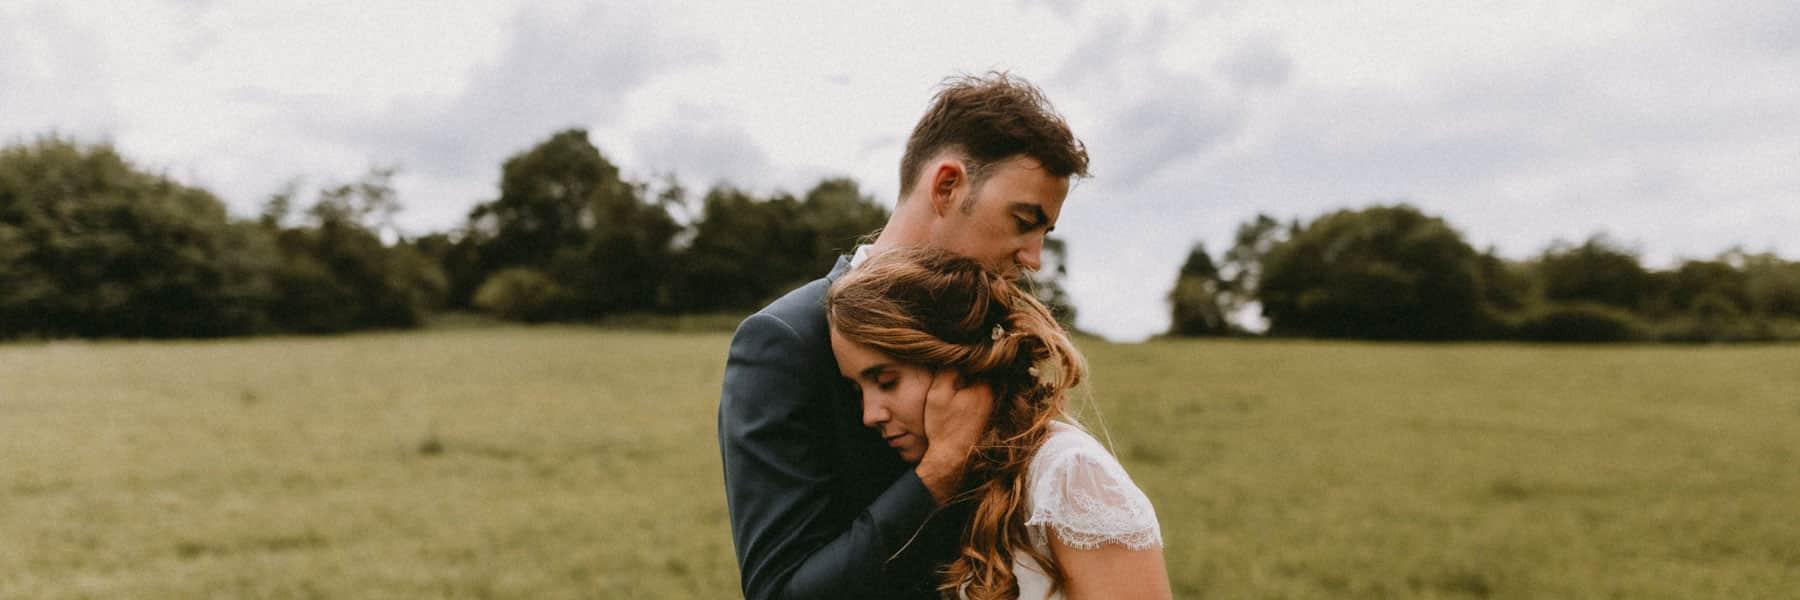 photographe mariage biganos